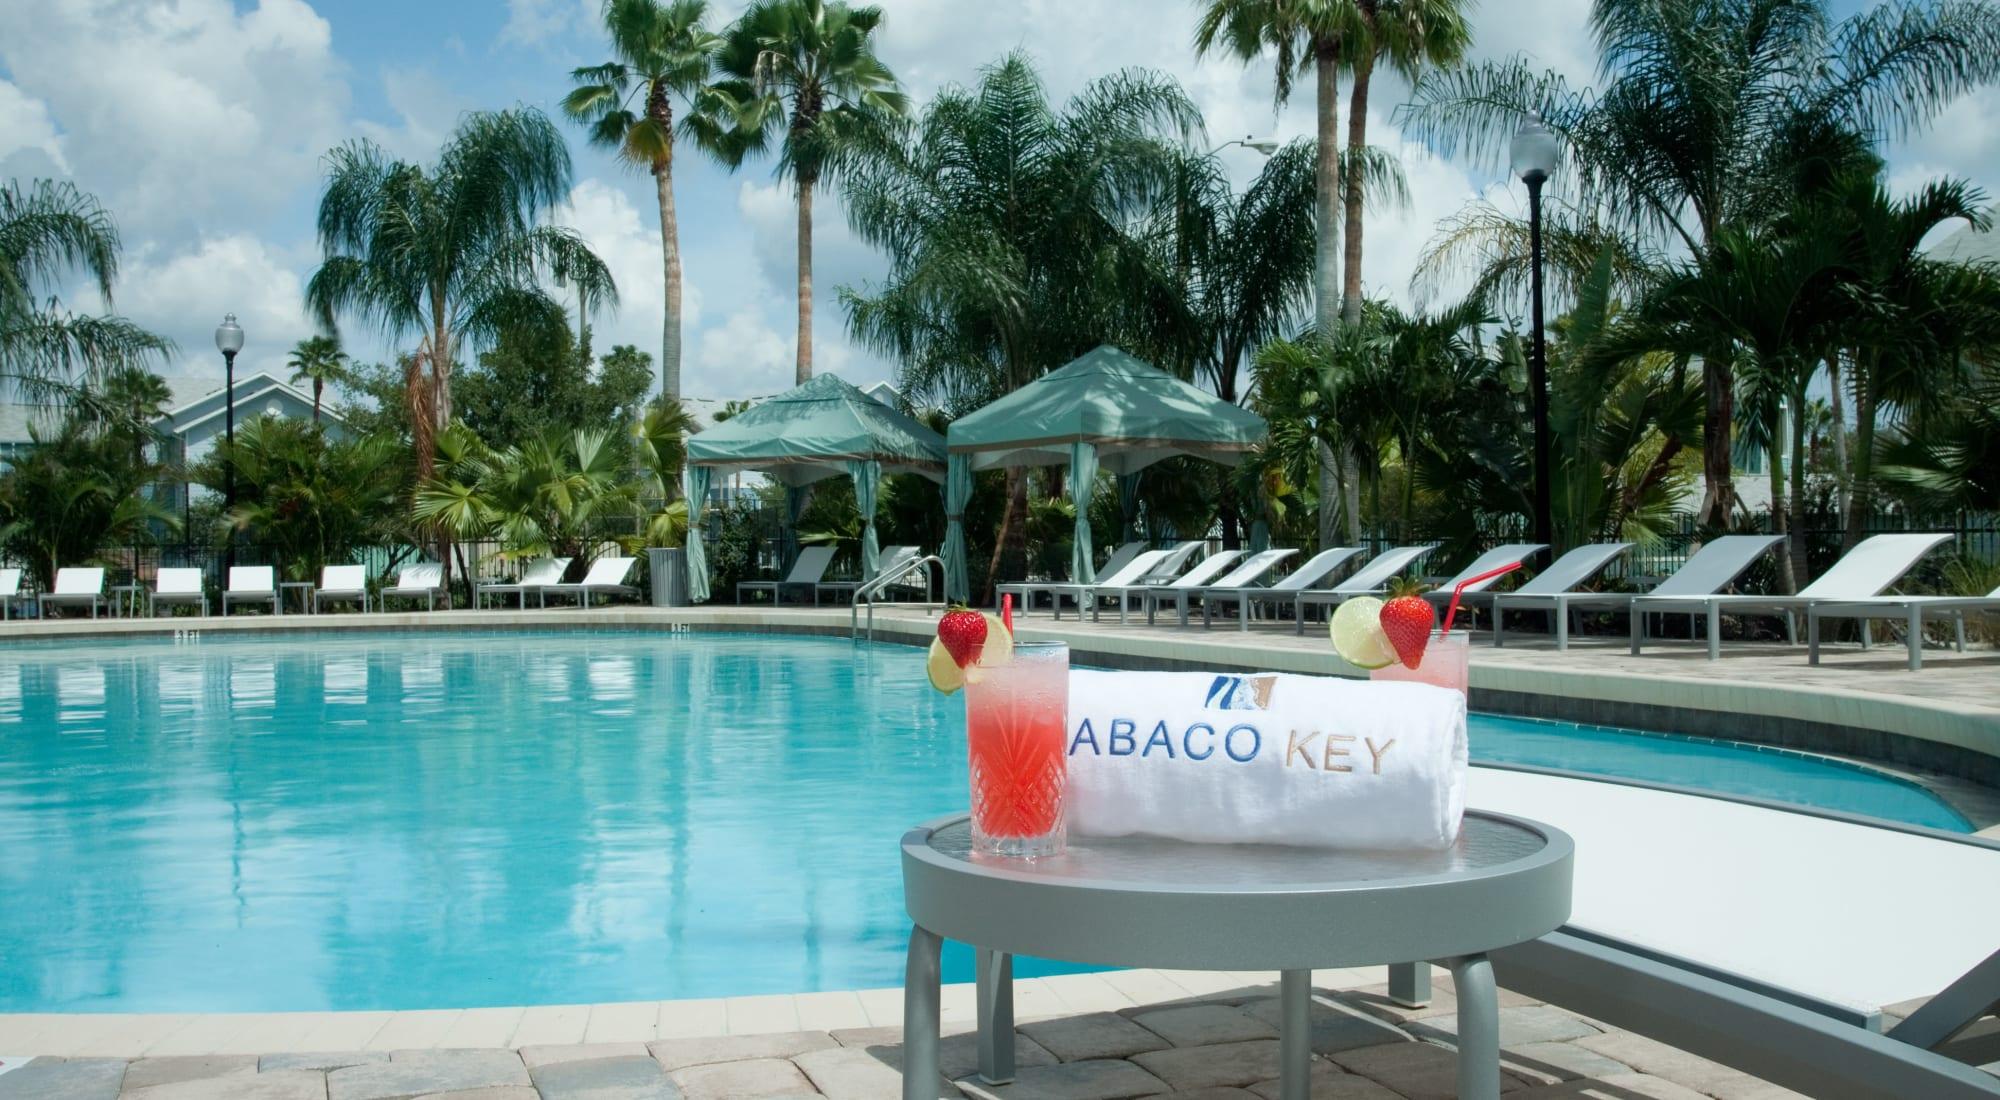 Apartments at Abaco Key in Orlando, Florida